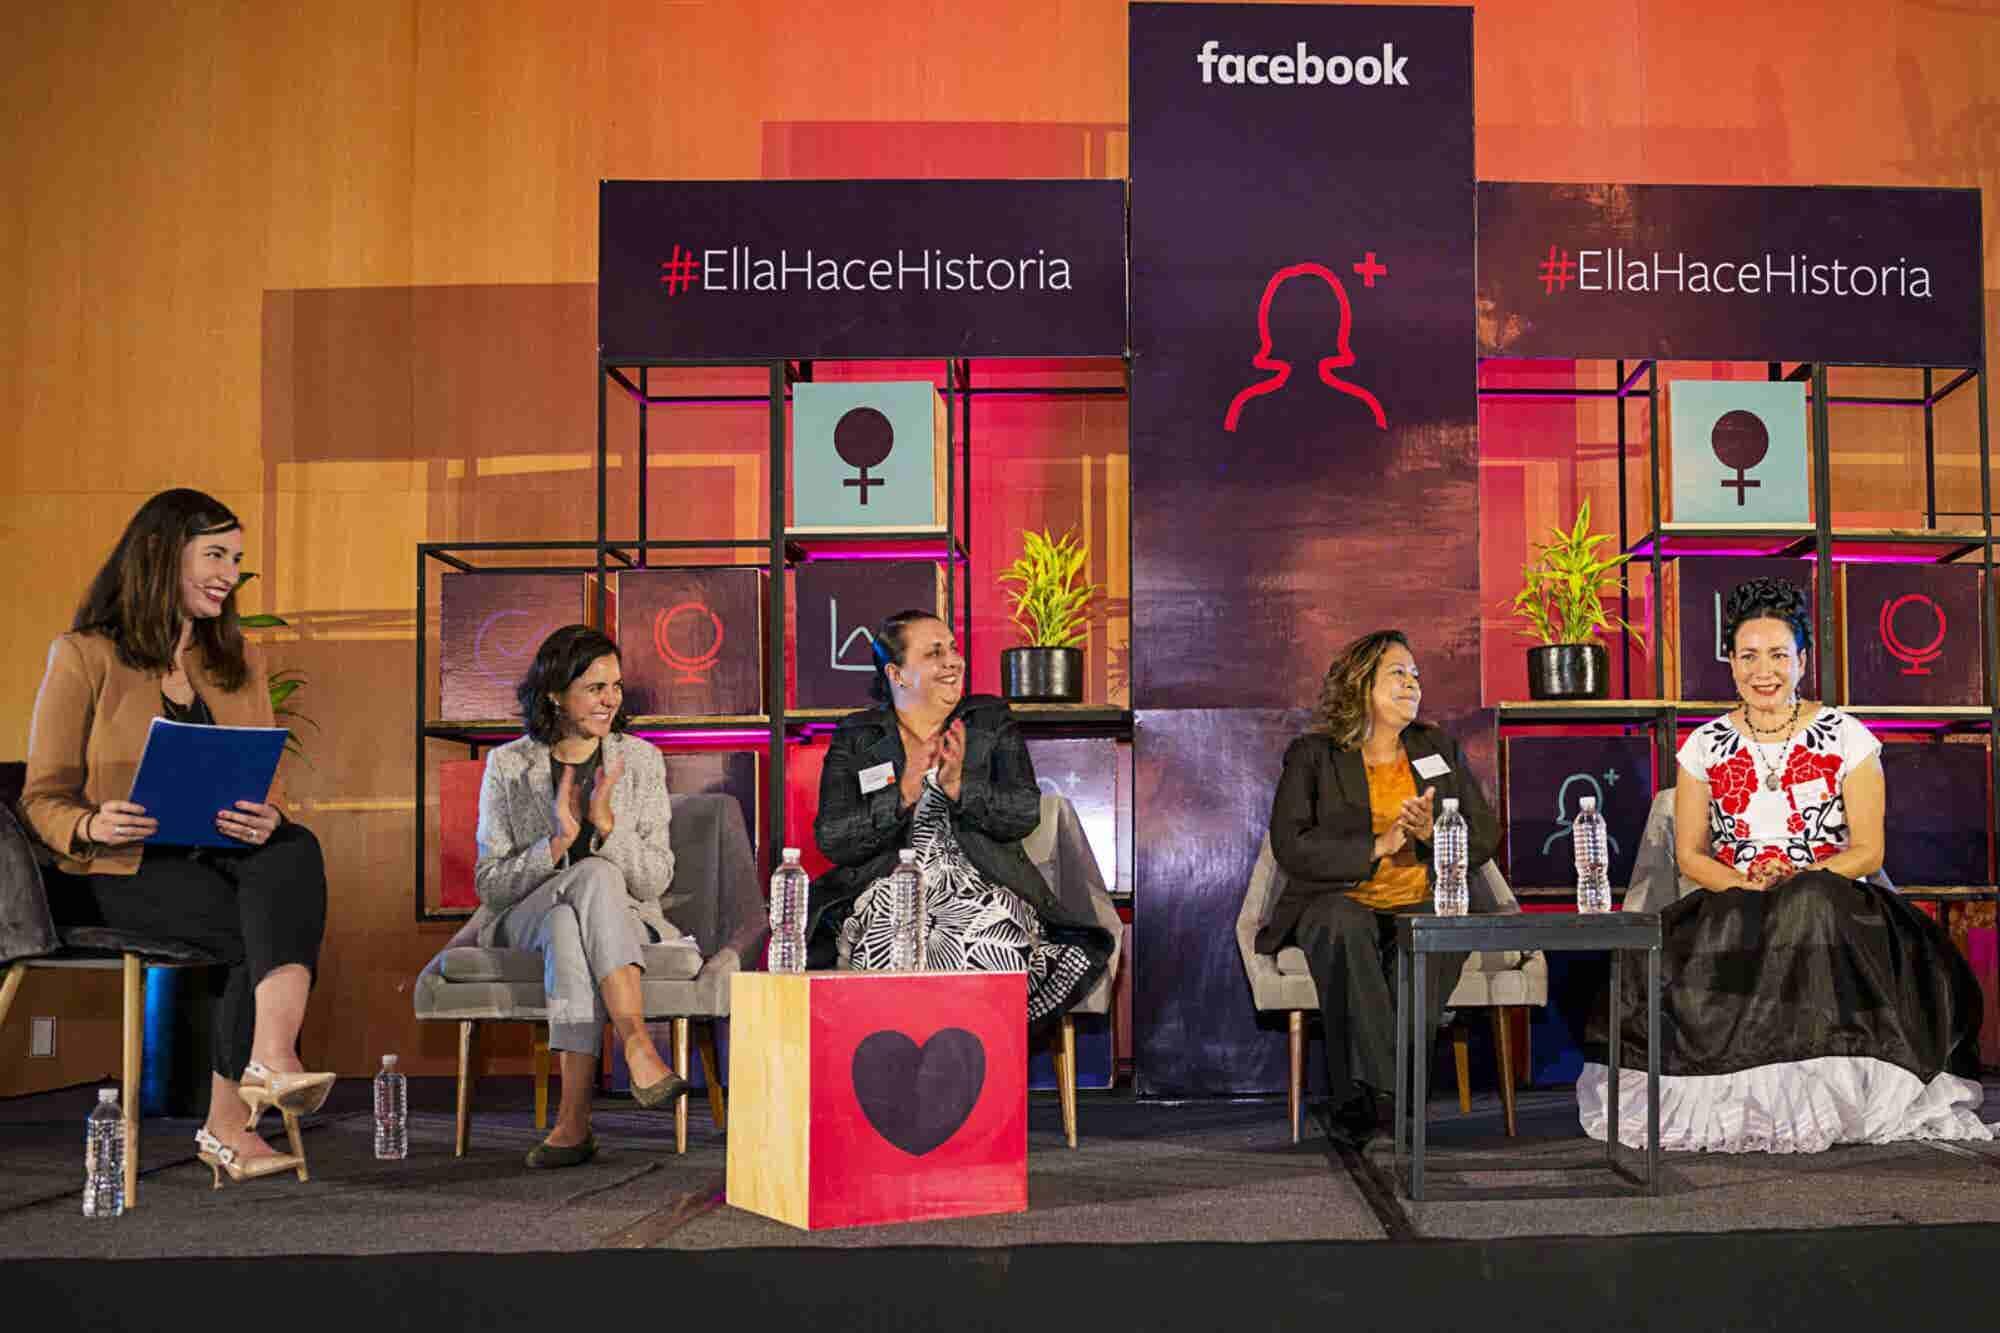 ¿Eres mujer y emprendedora? Facebook te ayuda a llevar tu negocio al siguiente nivel